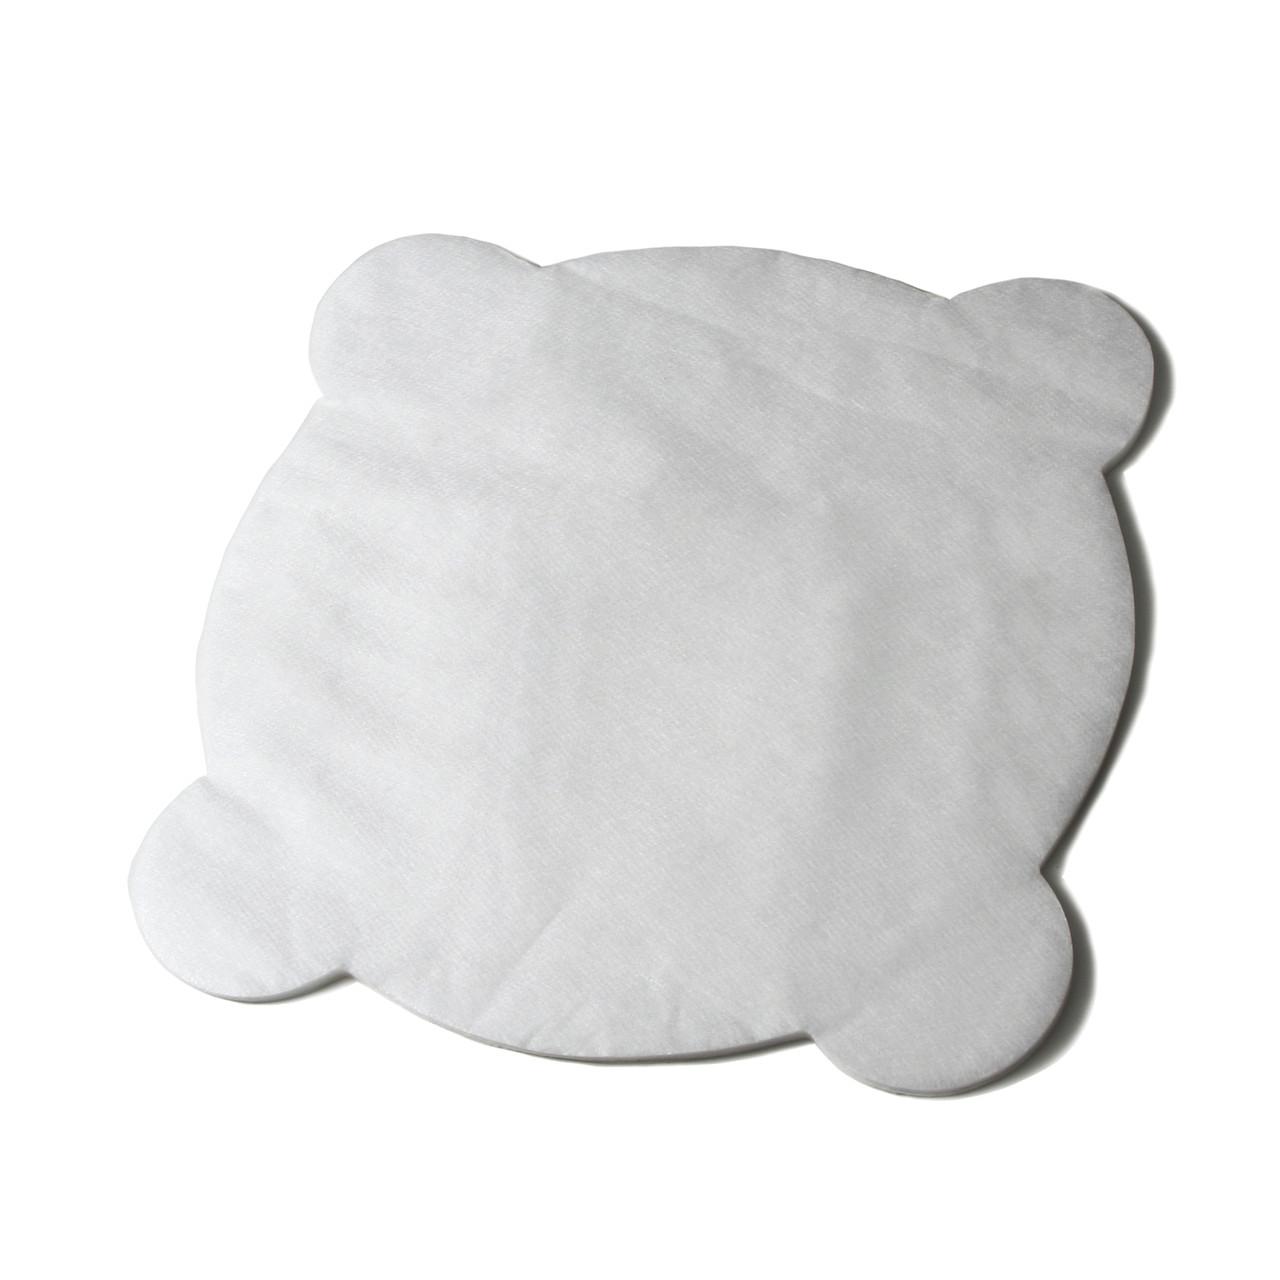 Салфетки для стоматологической чаши из спанбонда Polix PRO&MED (50шт в упаковке) Белые